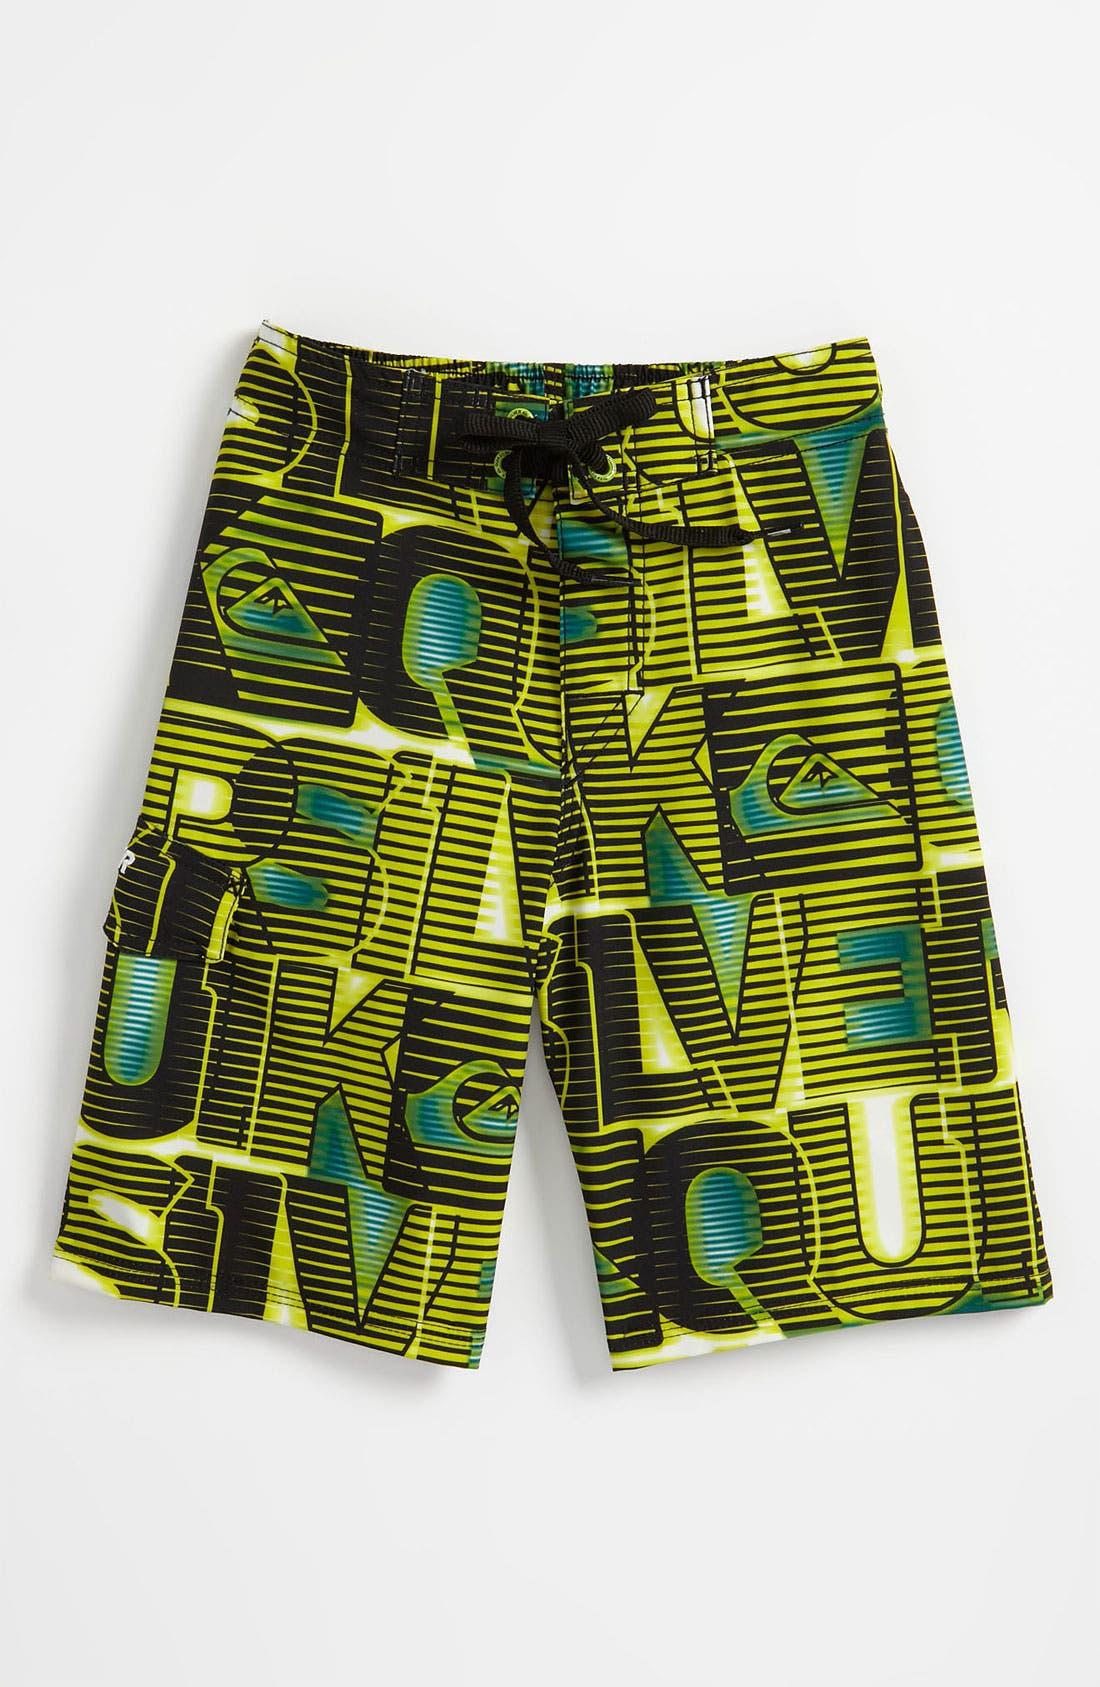 Main Image - Quiksilver 'Dizzy' Board Shorts (Little Boys)